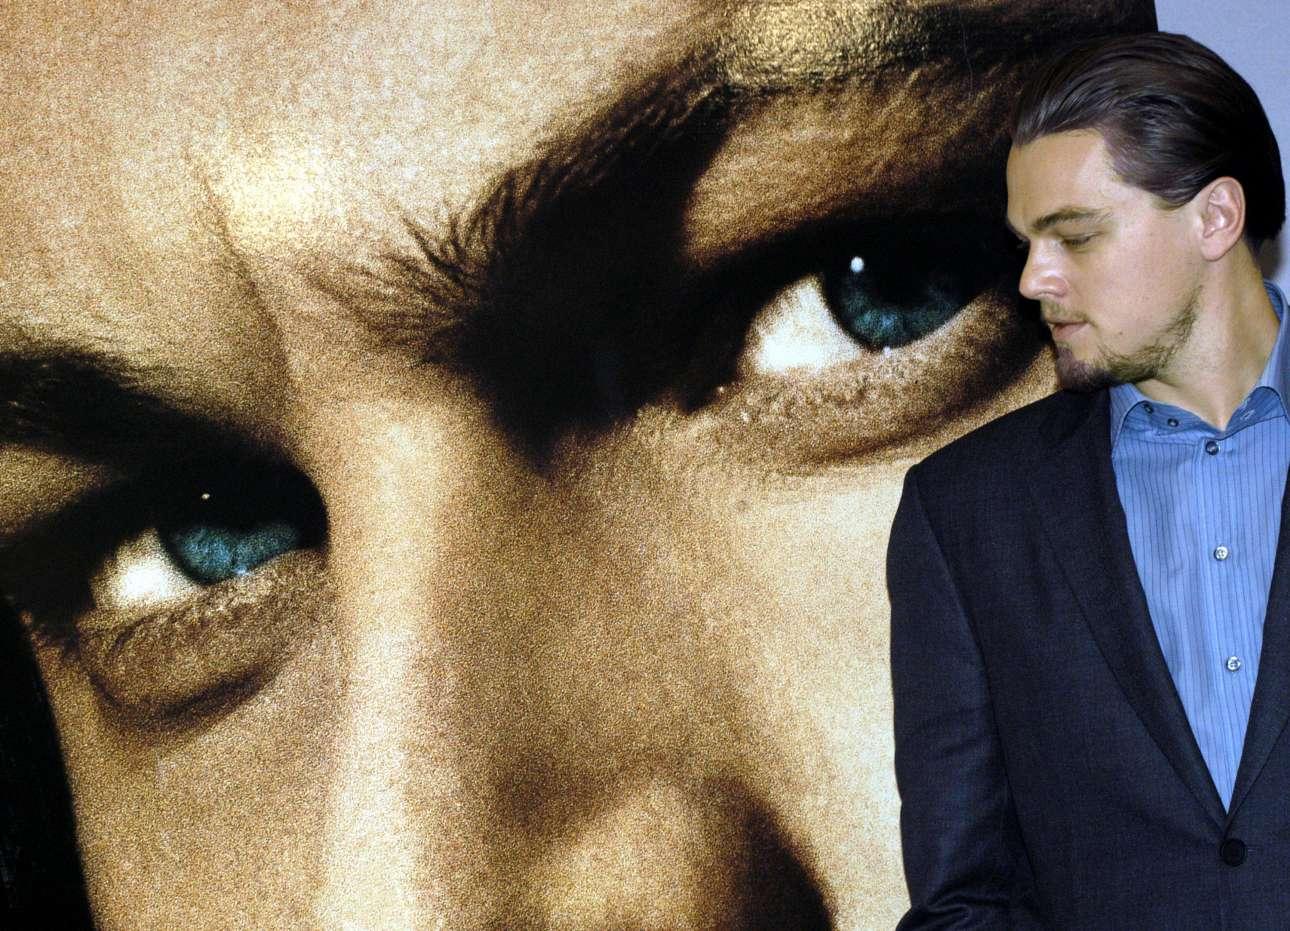 Ιανουάριος 2003, Ρώμη. O Λεονάρντο ντι Κάπριο αντιμέτωπος με το... βλέμμα του στις «Συμμορίες της Νέας Υόρκης». Το φιλμ γυρίστηκε στην Σινετσιτά